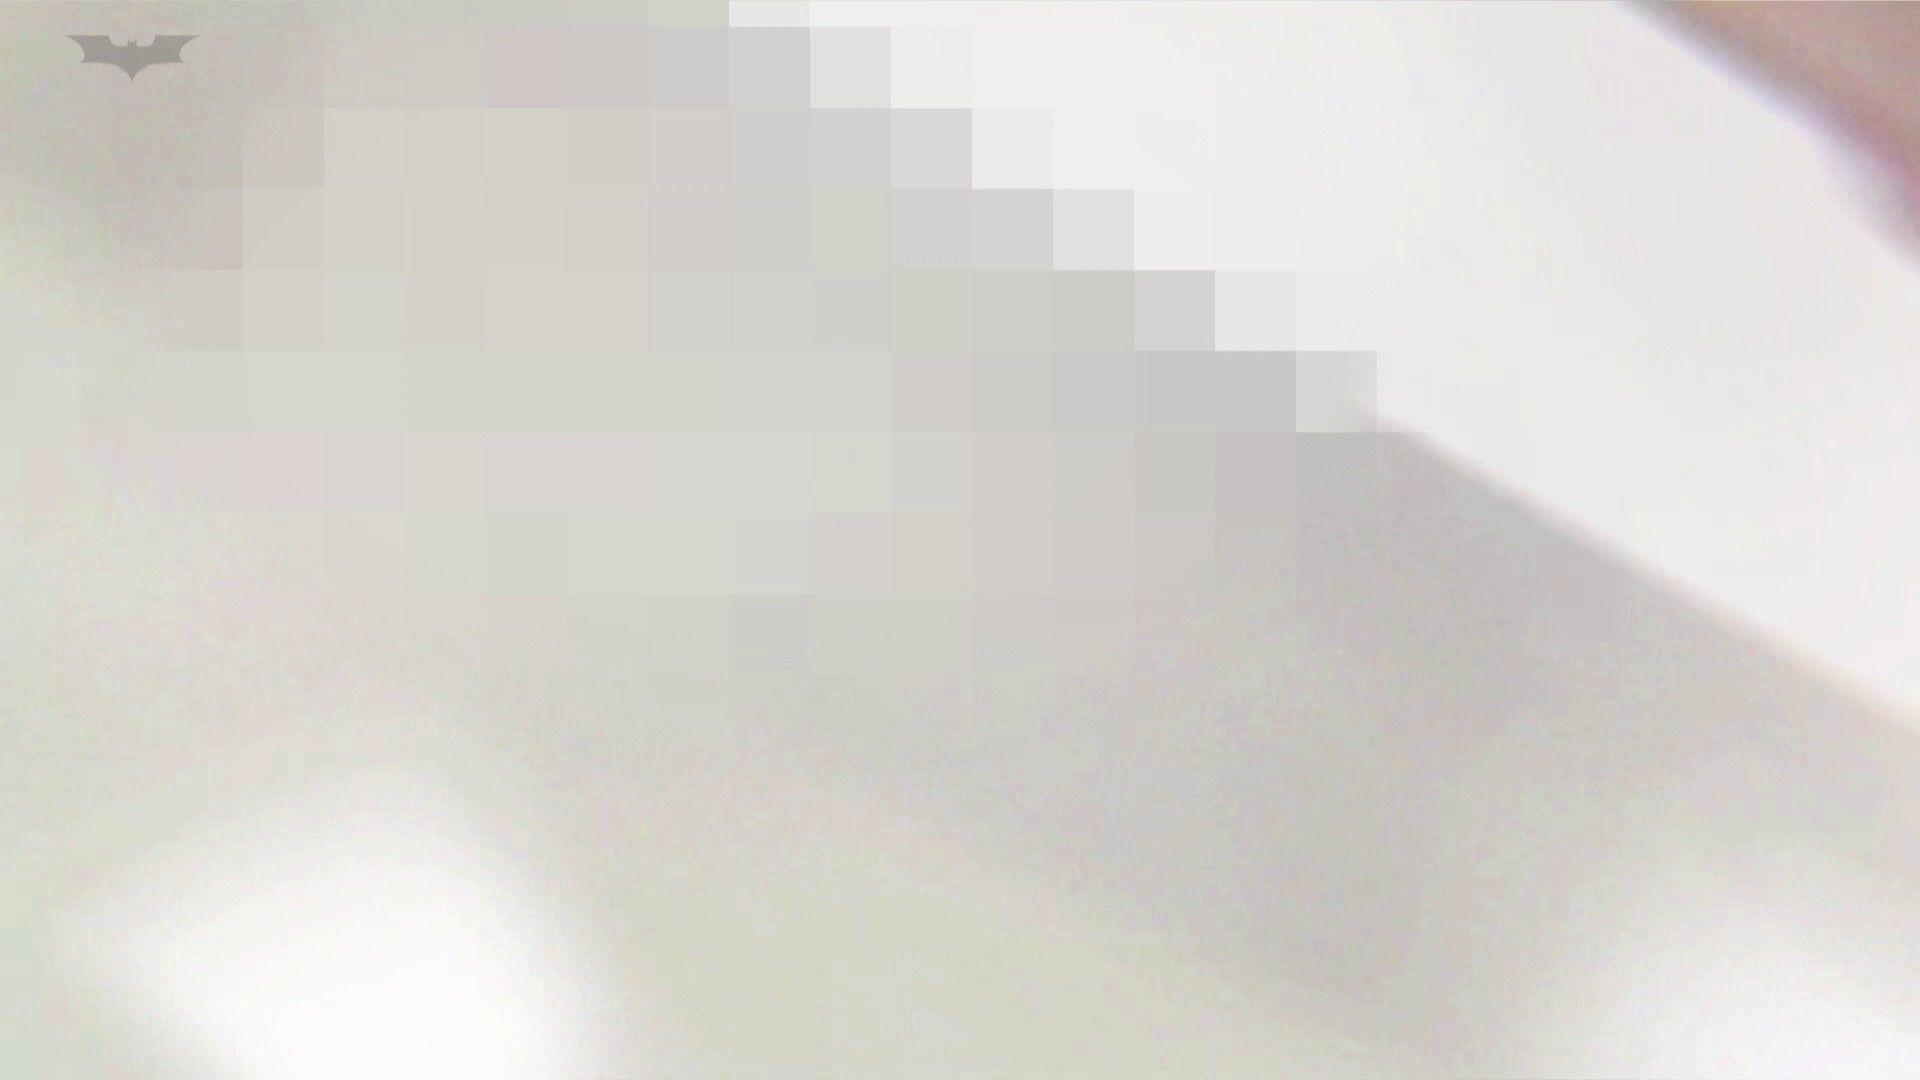 ▲復活限定D▲第三体育館潜入撮File018 夏帆に激似現役の未開発の下を 潜入  88画像 14